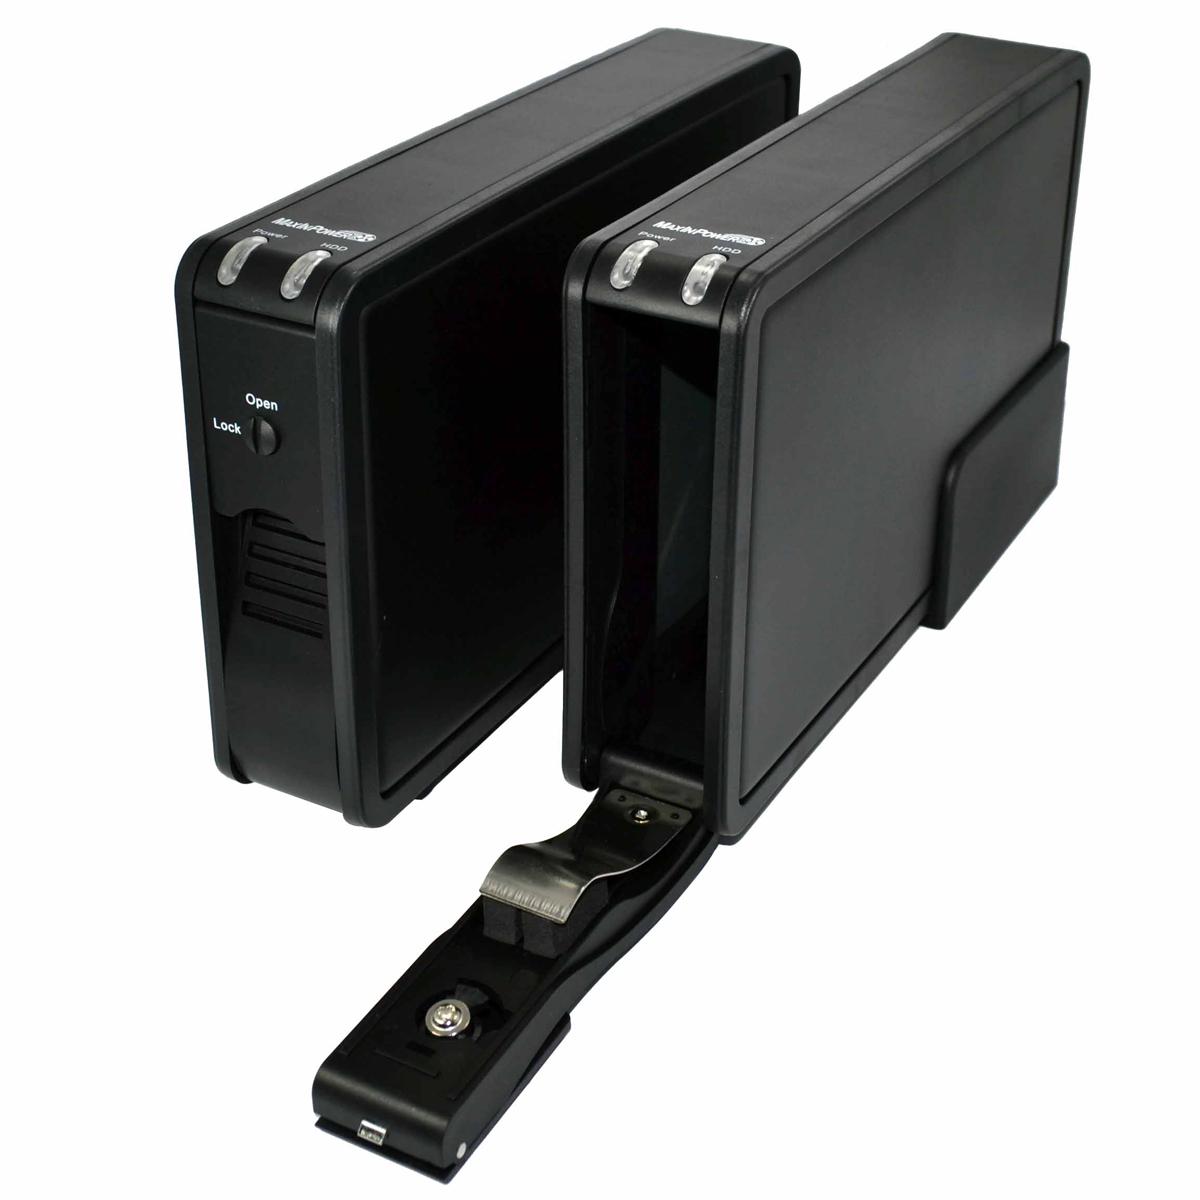 boitier disque dur 3.5 usb 3.0